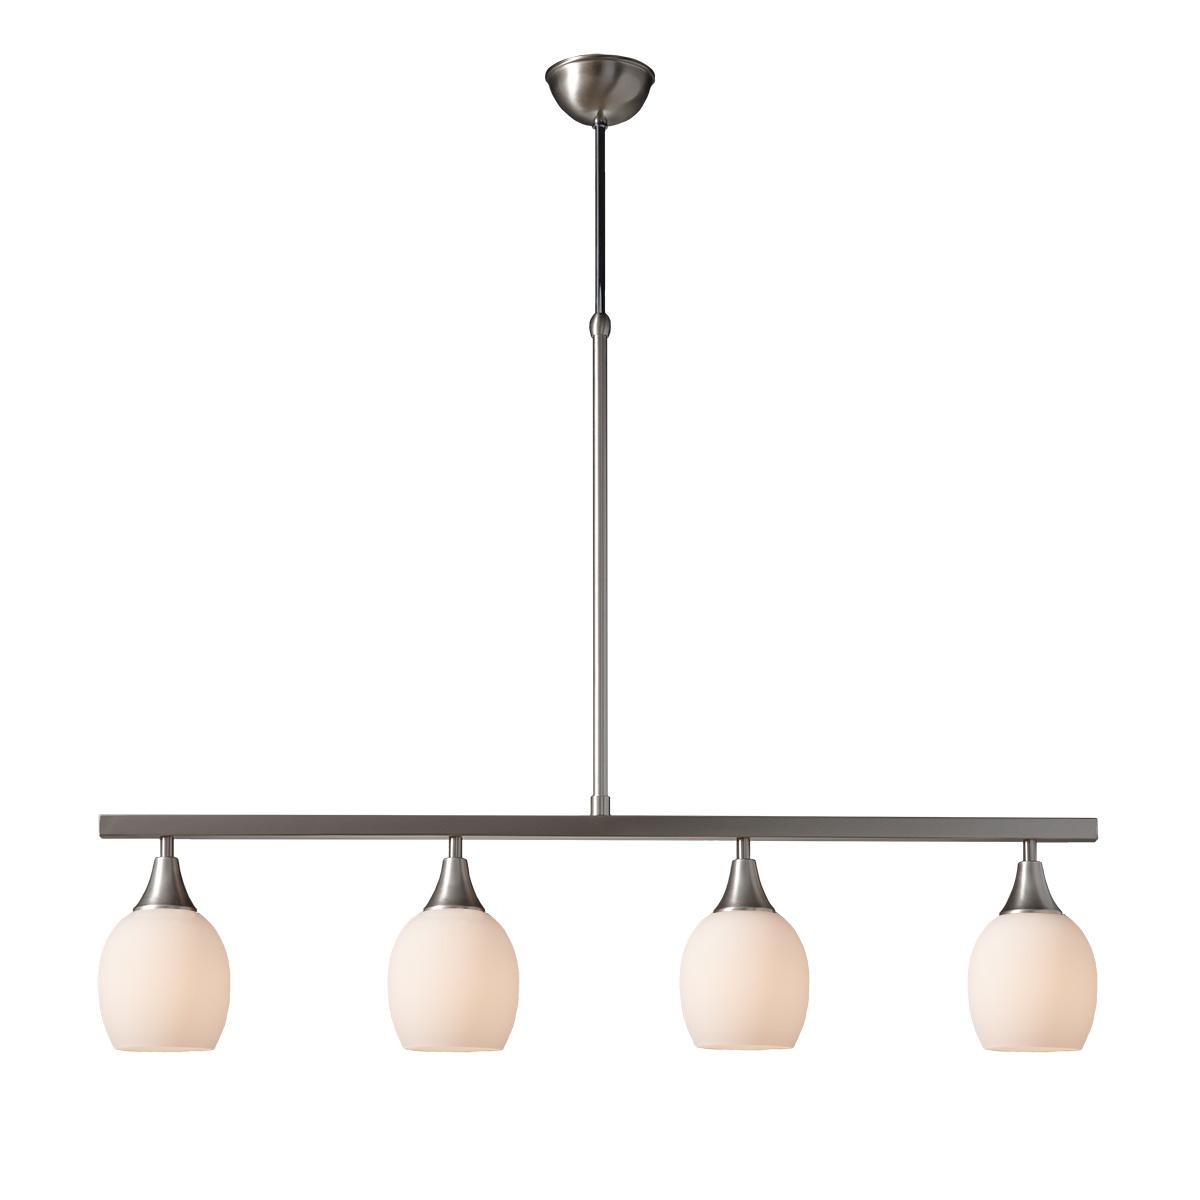 Μοντέρνο φωτιστικό ράγα ΓΡΑΜΜΕΣ modern Murano rail lamp